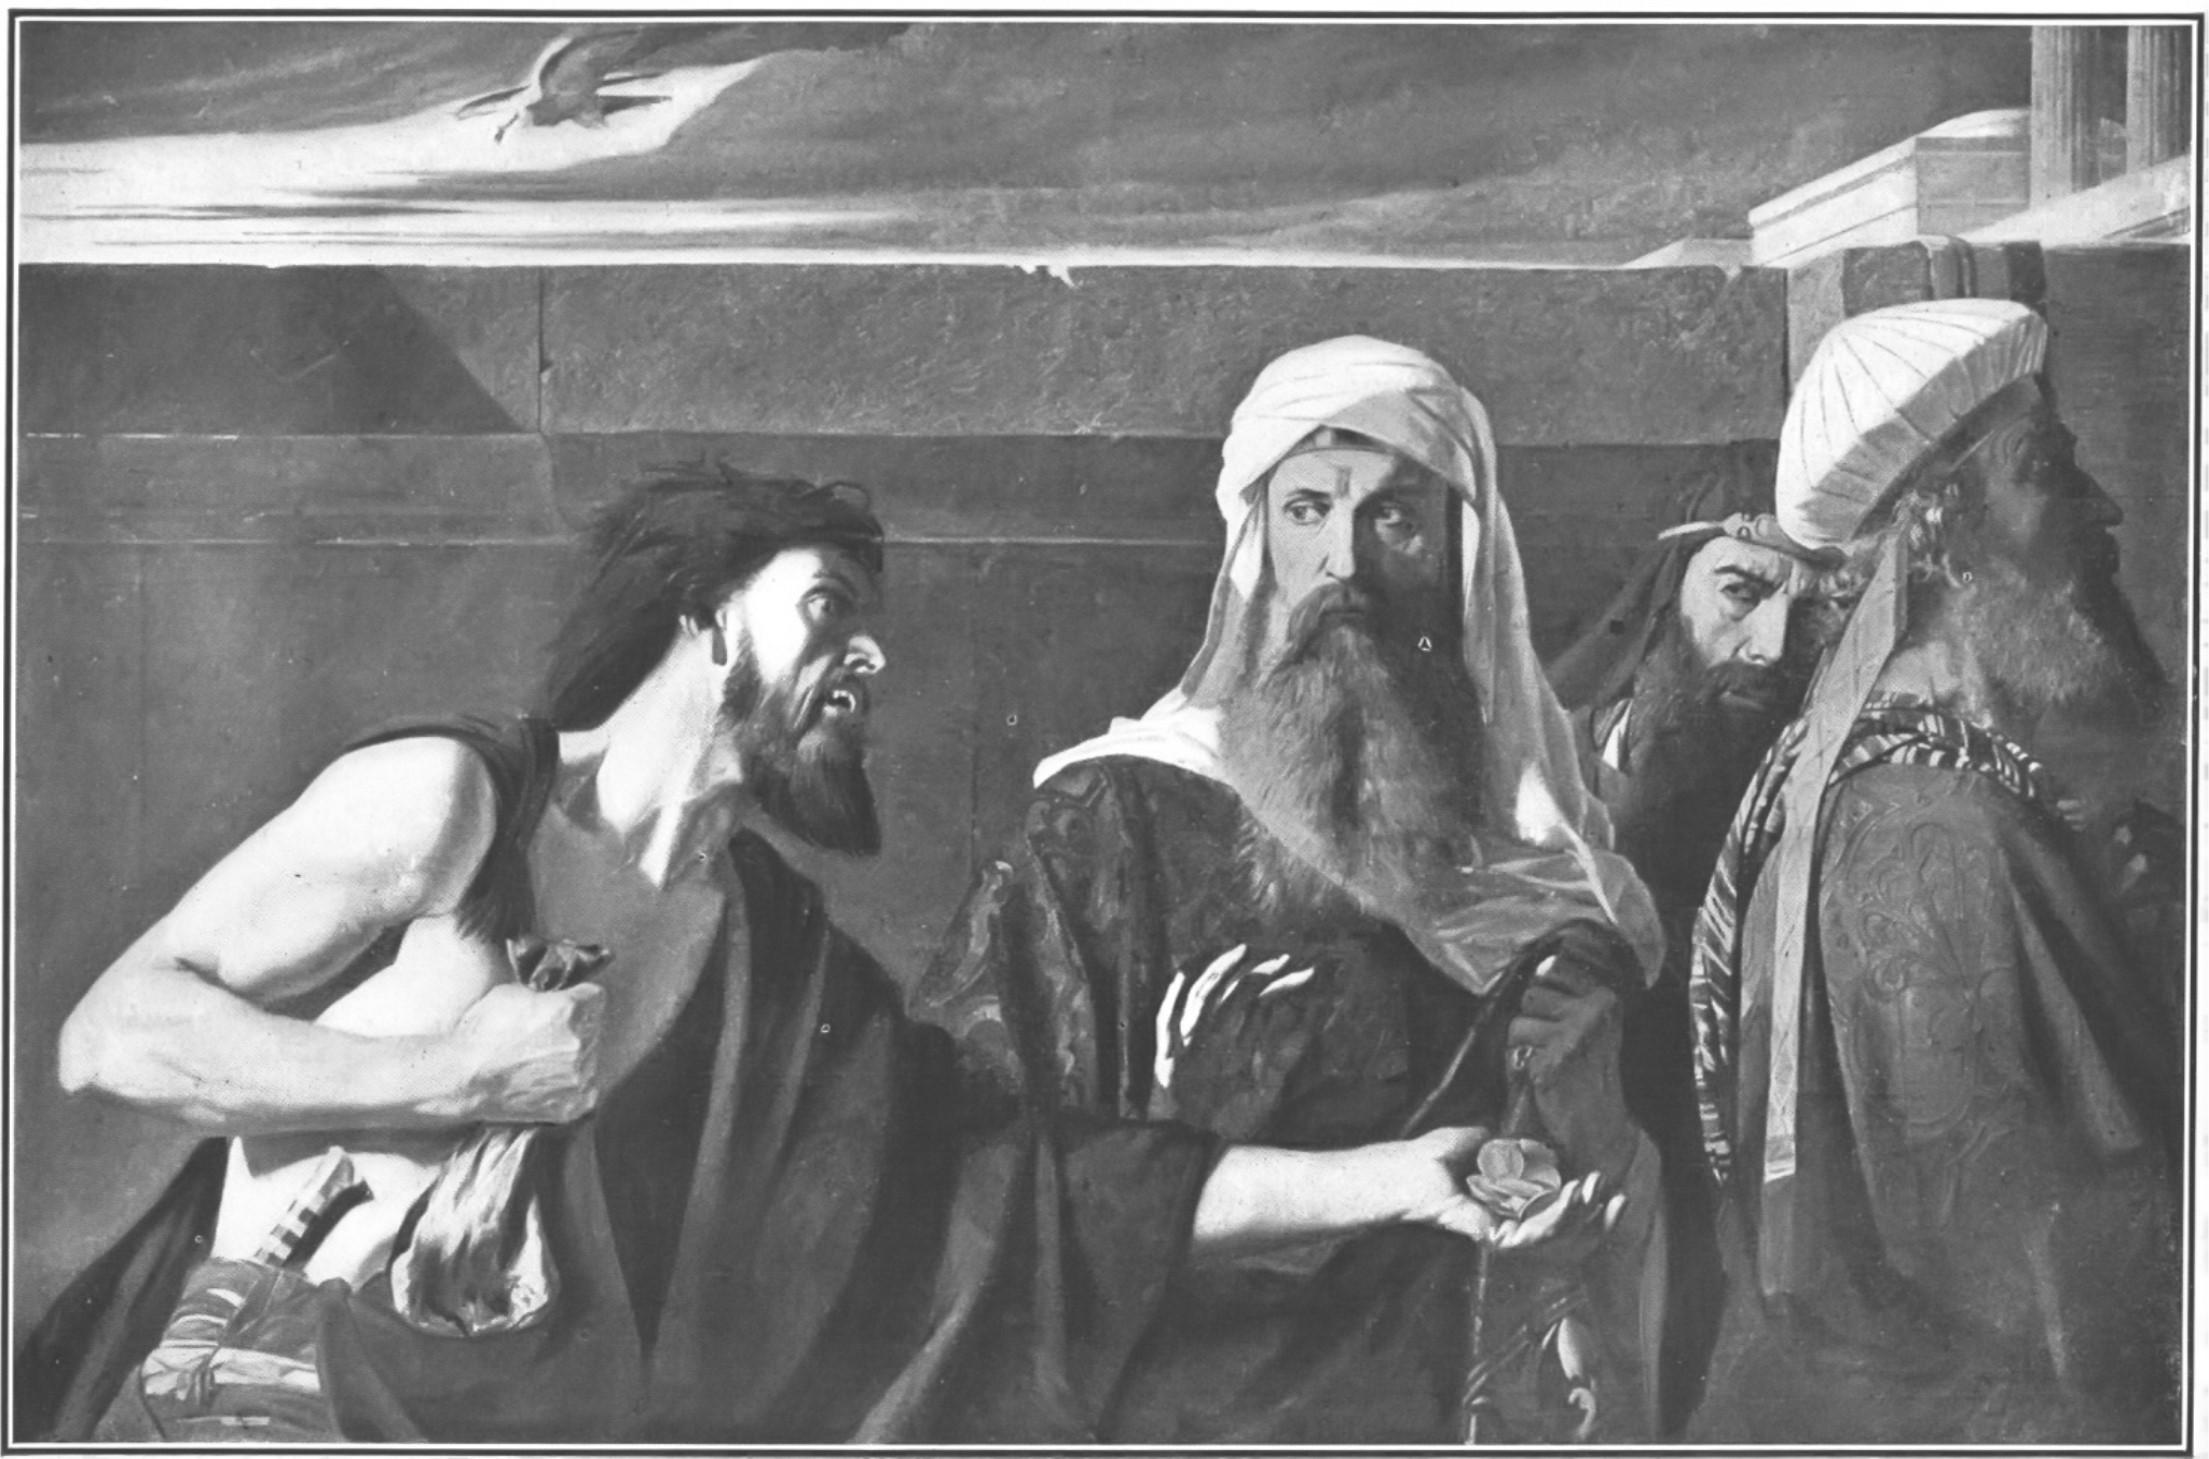 Judas, You Fool!